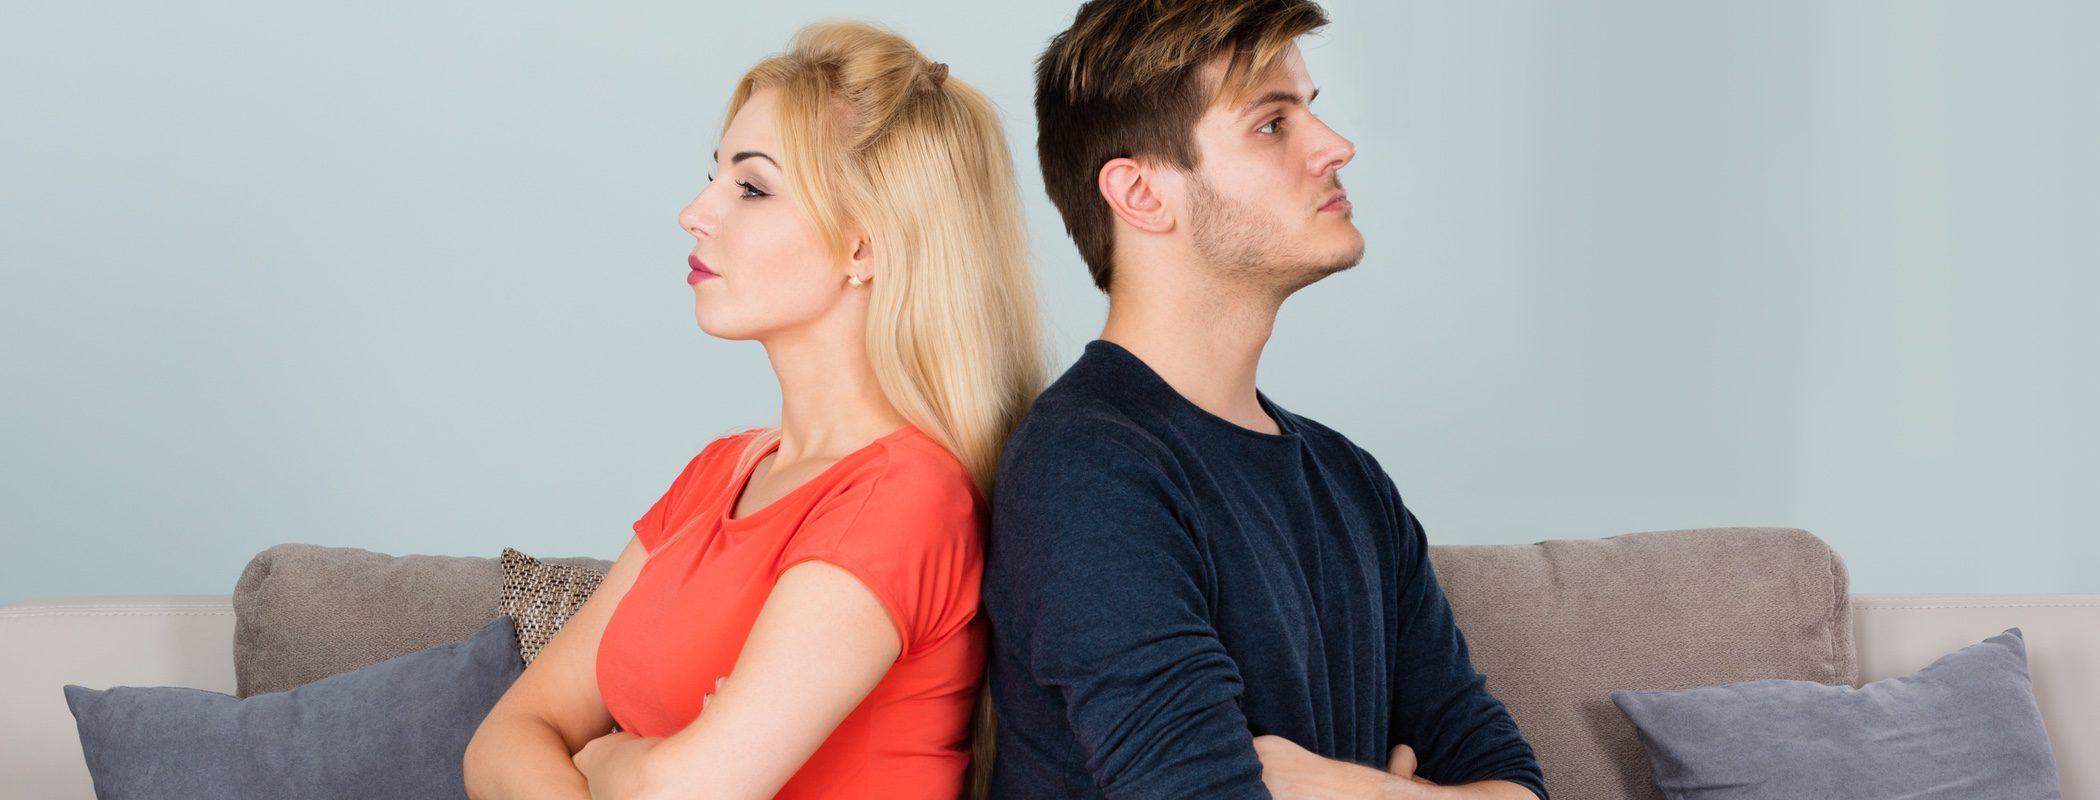 Mi pareja y yo no nos ponemos de acuerdo en nada: ¿Qué puedo hacer?